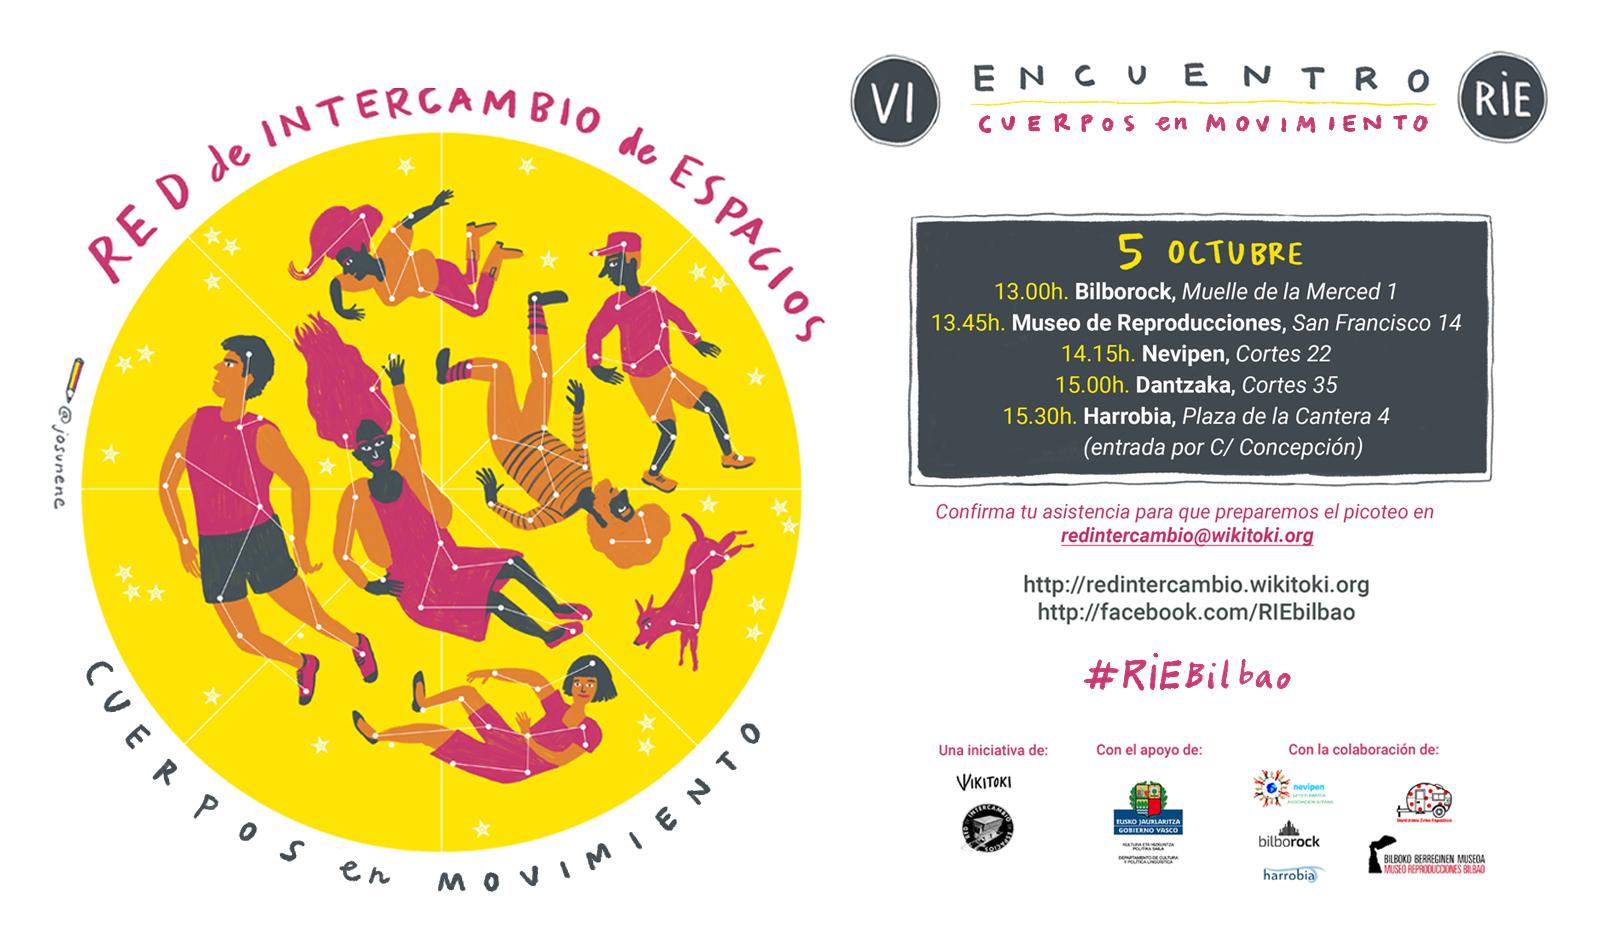 VI Encuentro de la Red de Intercambio: Cuerpos en movimiento